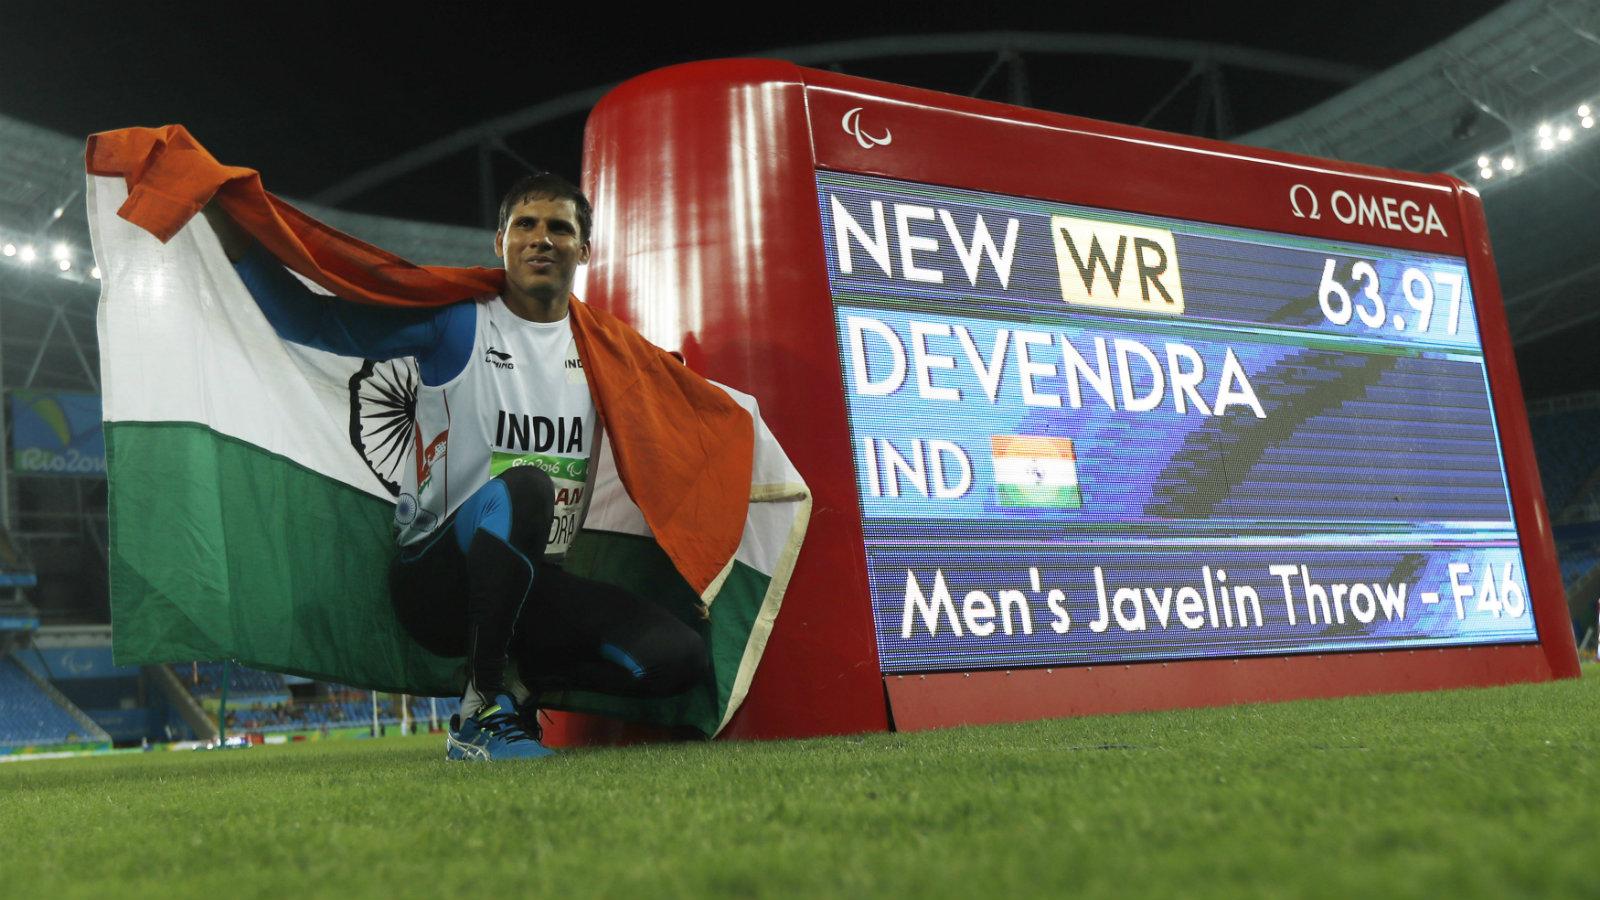 rio-paralympics-india-devendra-jhajharia